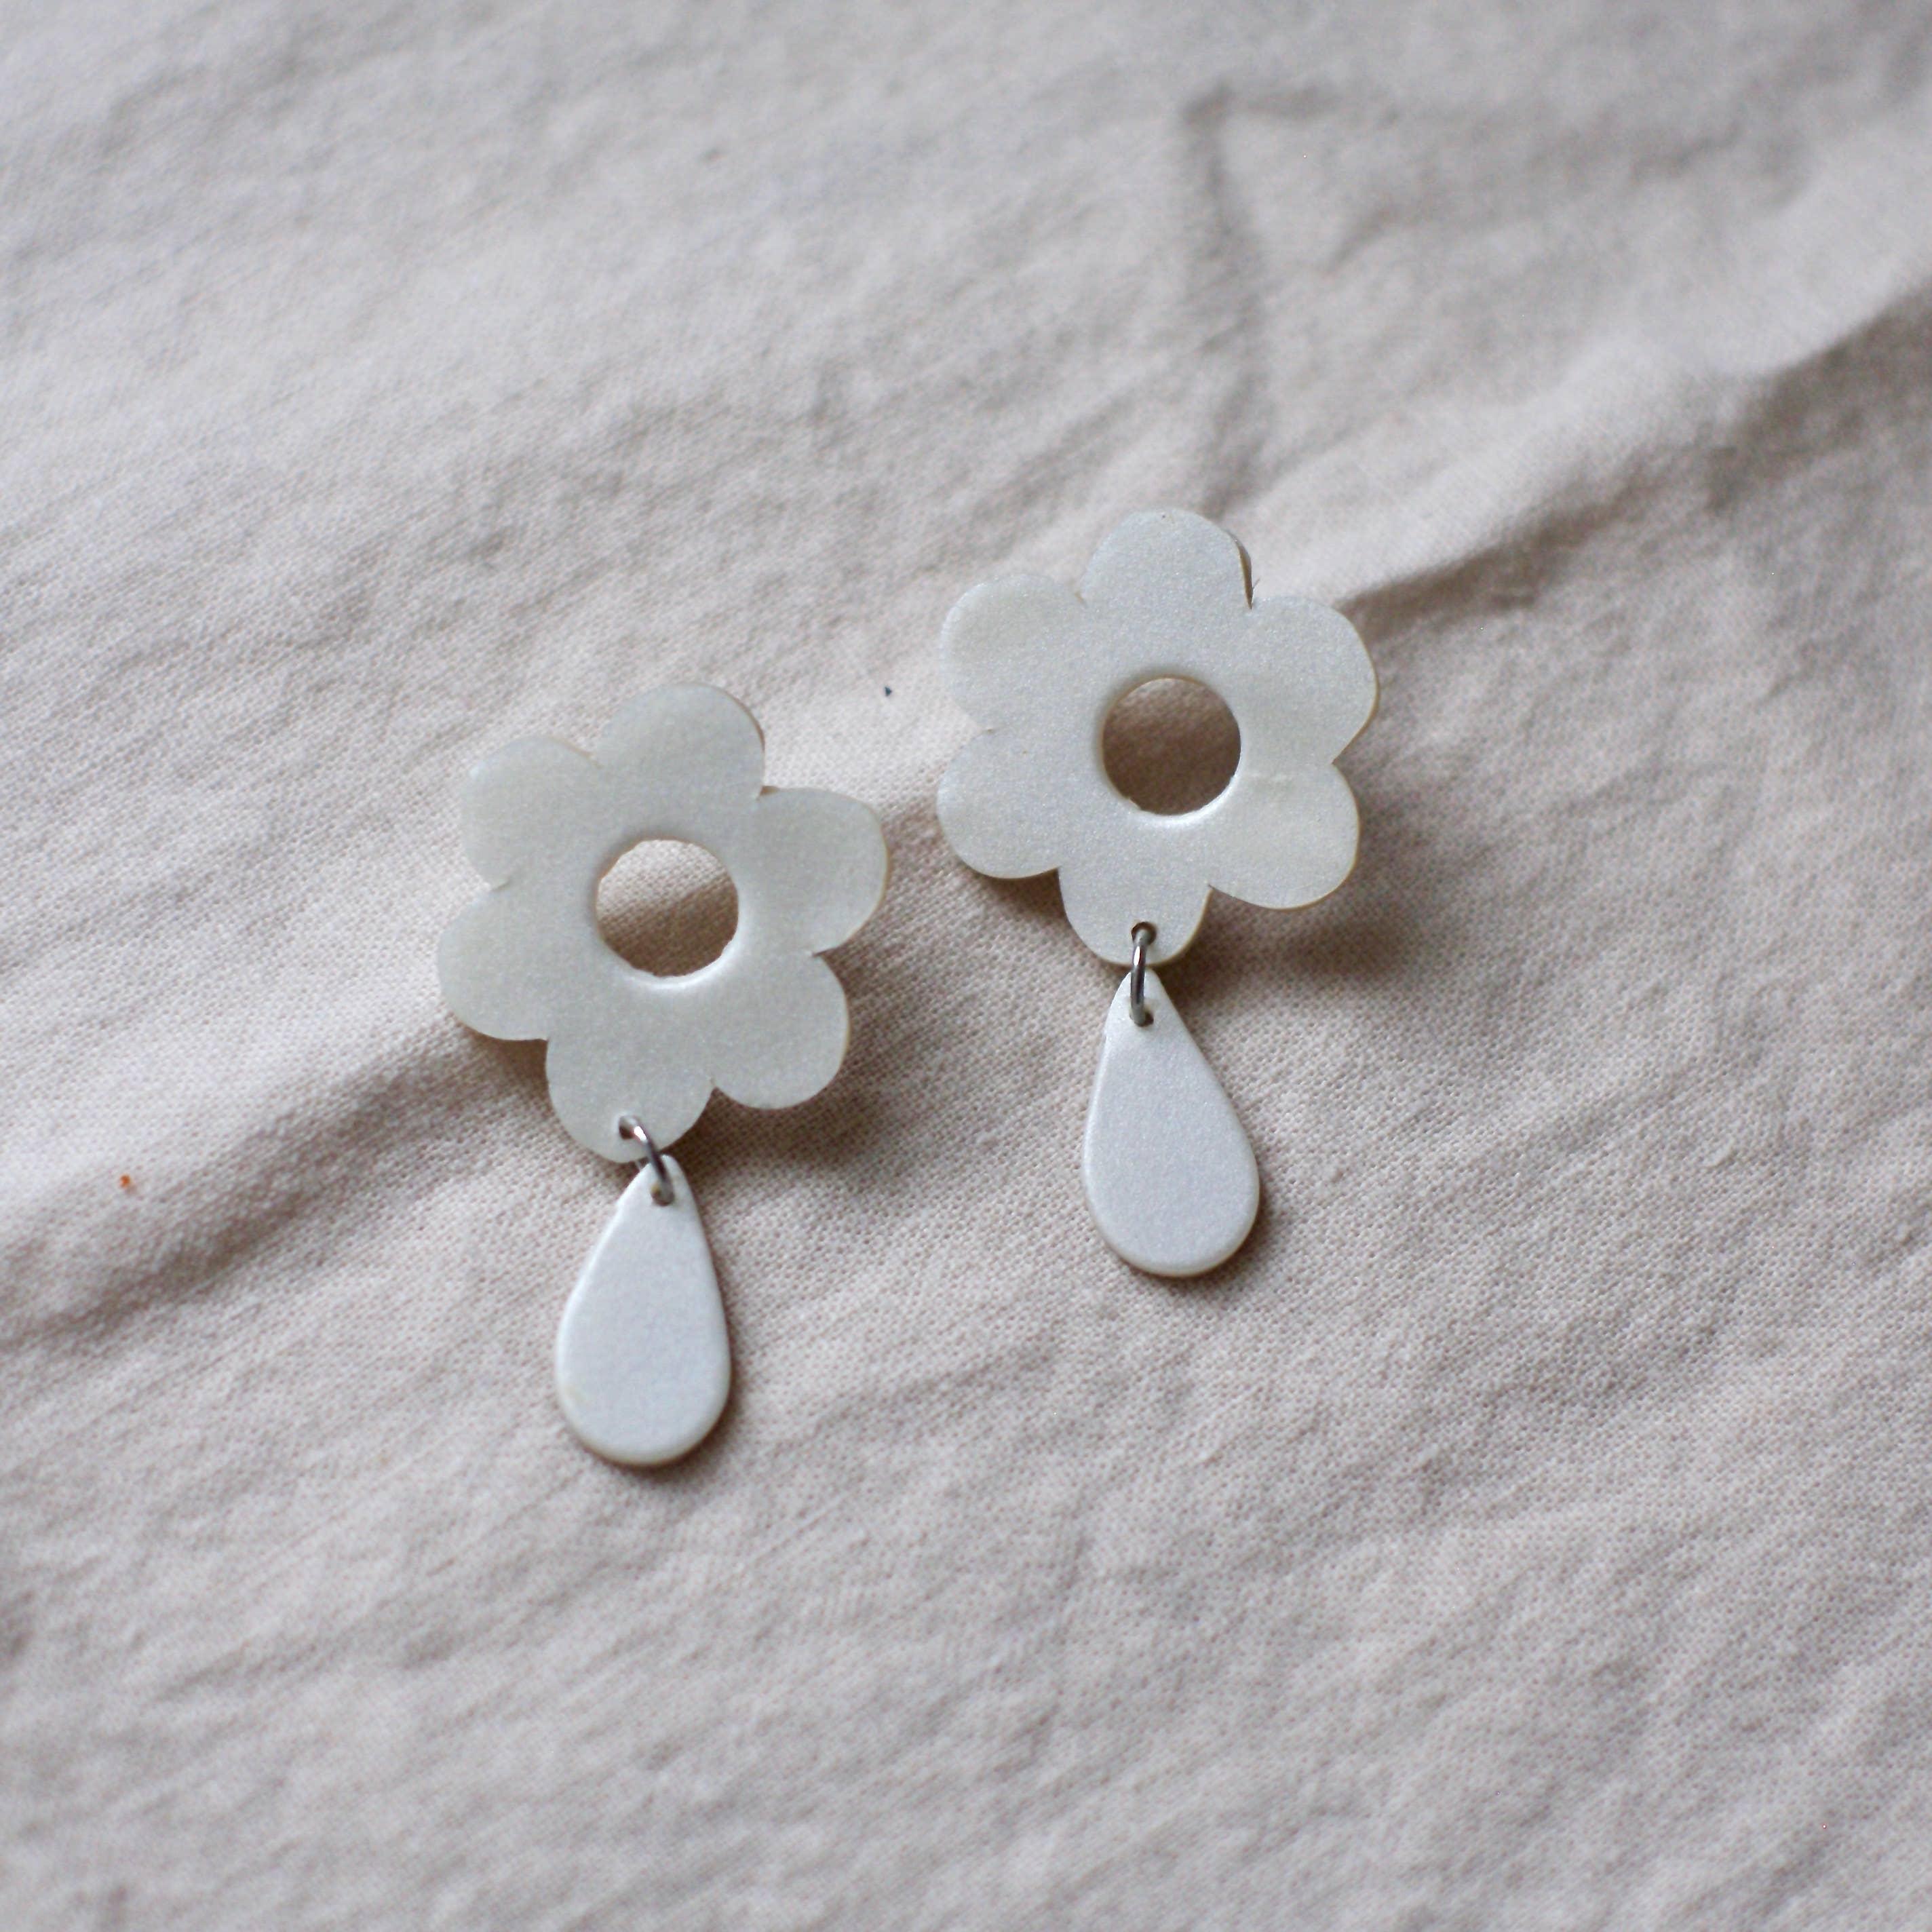 Surgical steel findings Garden earrings Floral earrings STUD earrings Clay jewellery Statement earrings